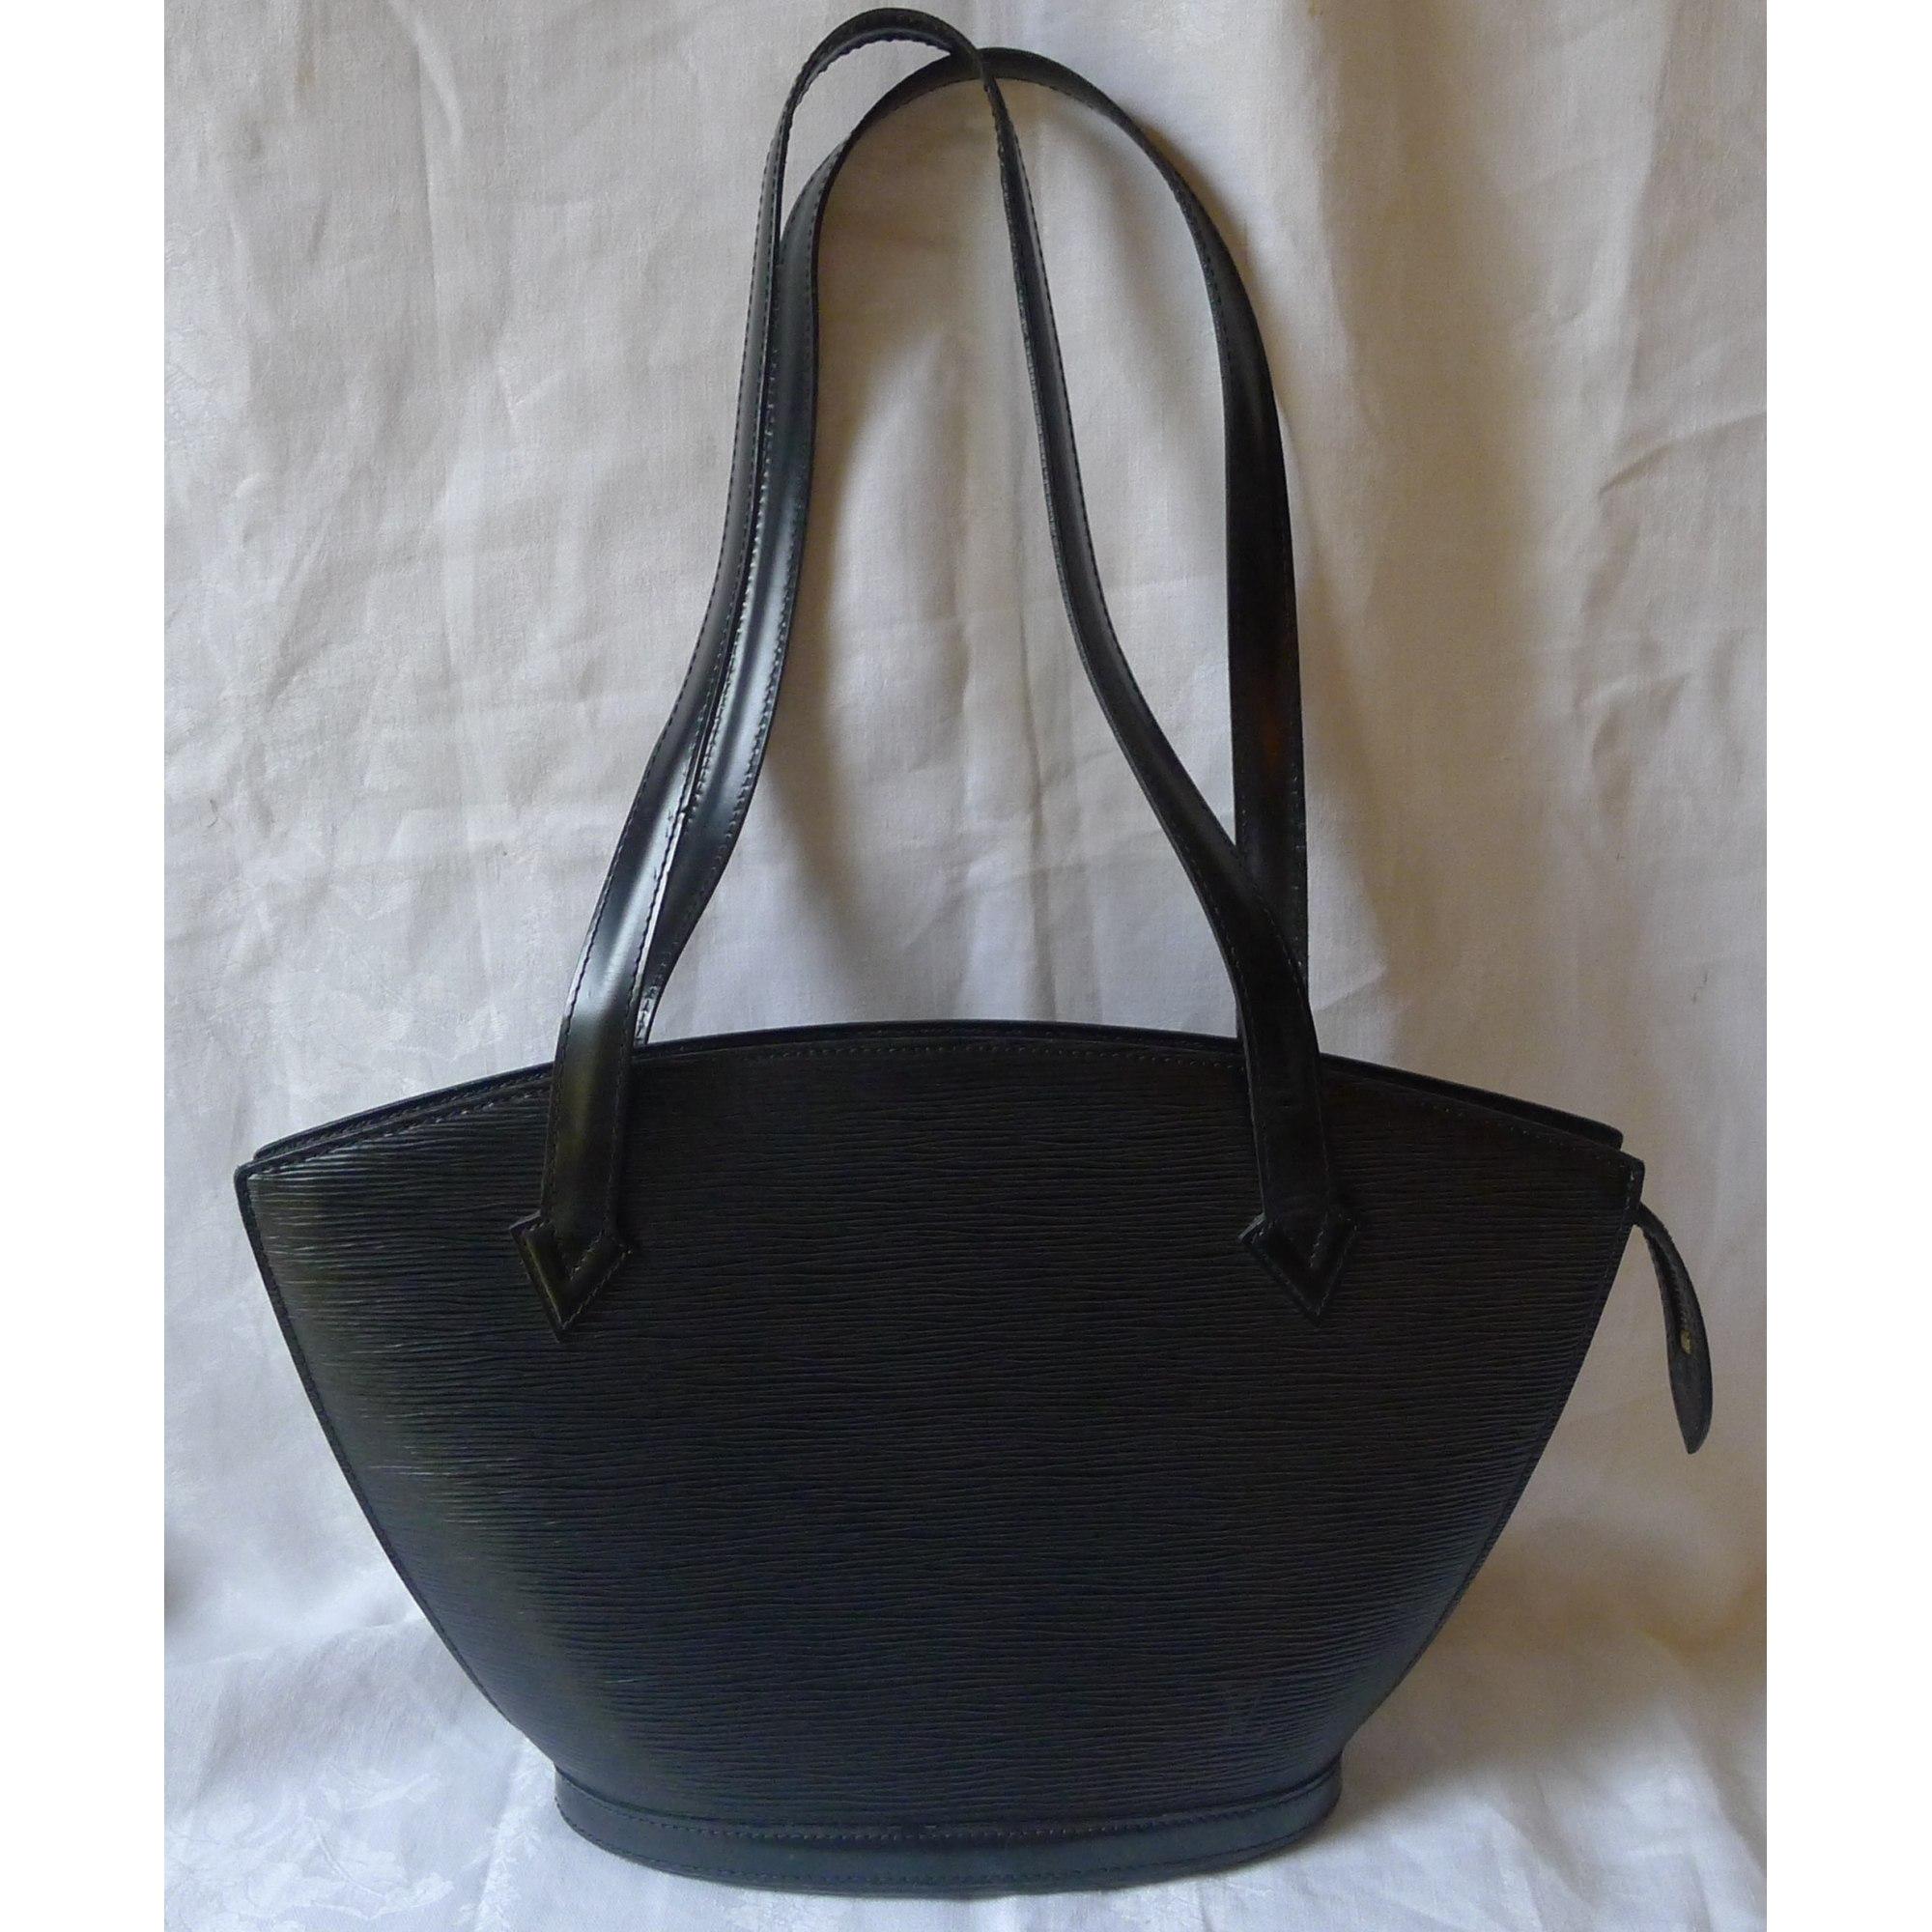 207b5501717b Sac à main en cuir LOUIS VUITTON noir vendu par Au bon vintage - 592452